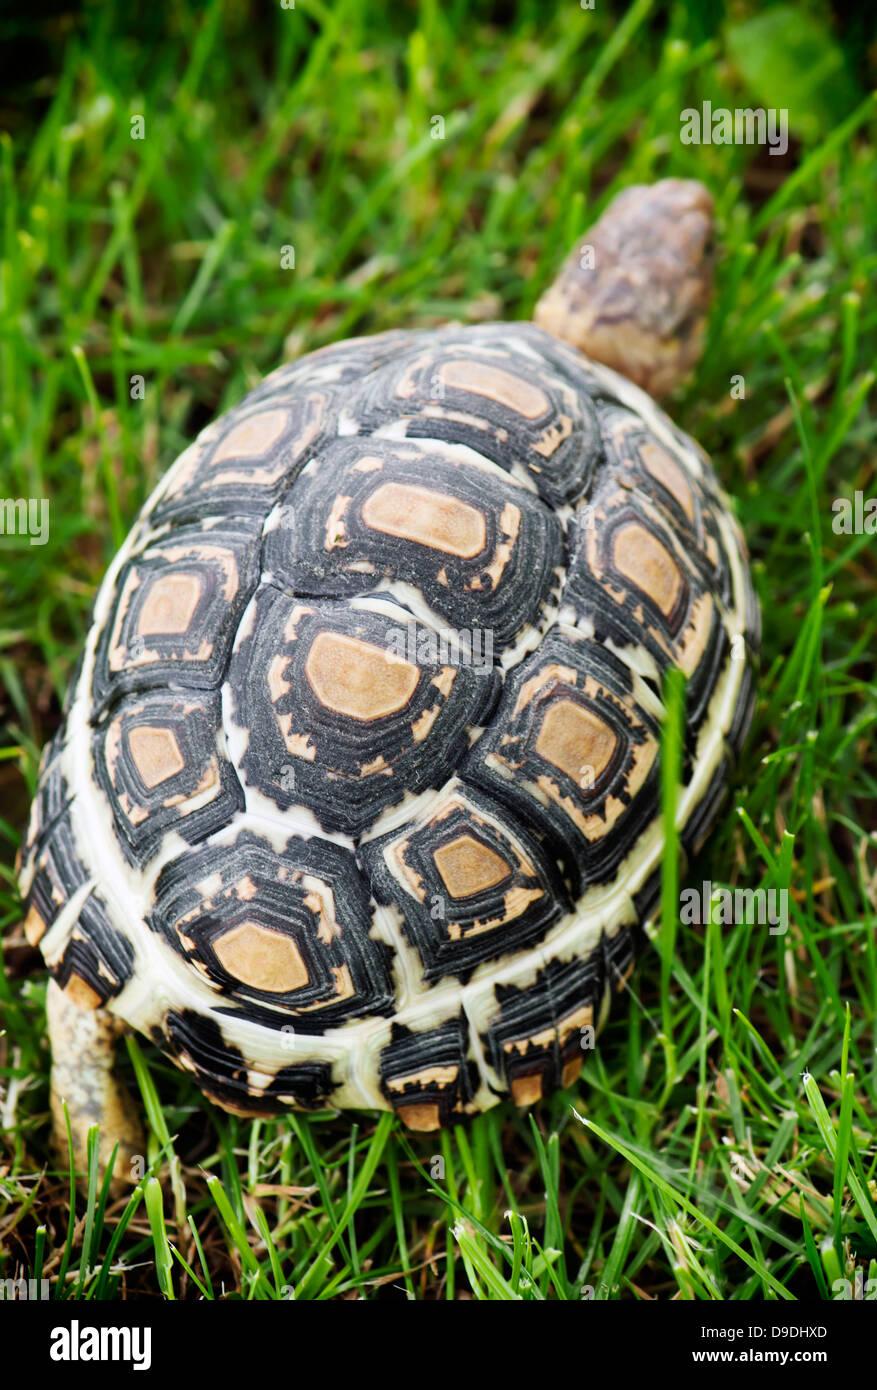 Leopard tortoise (Geochelone pardalis) walking on the lawn. - Stock Image